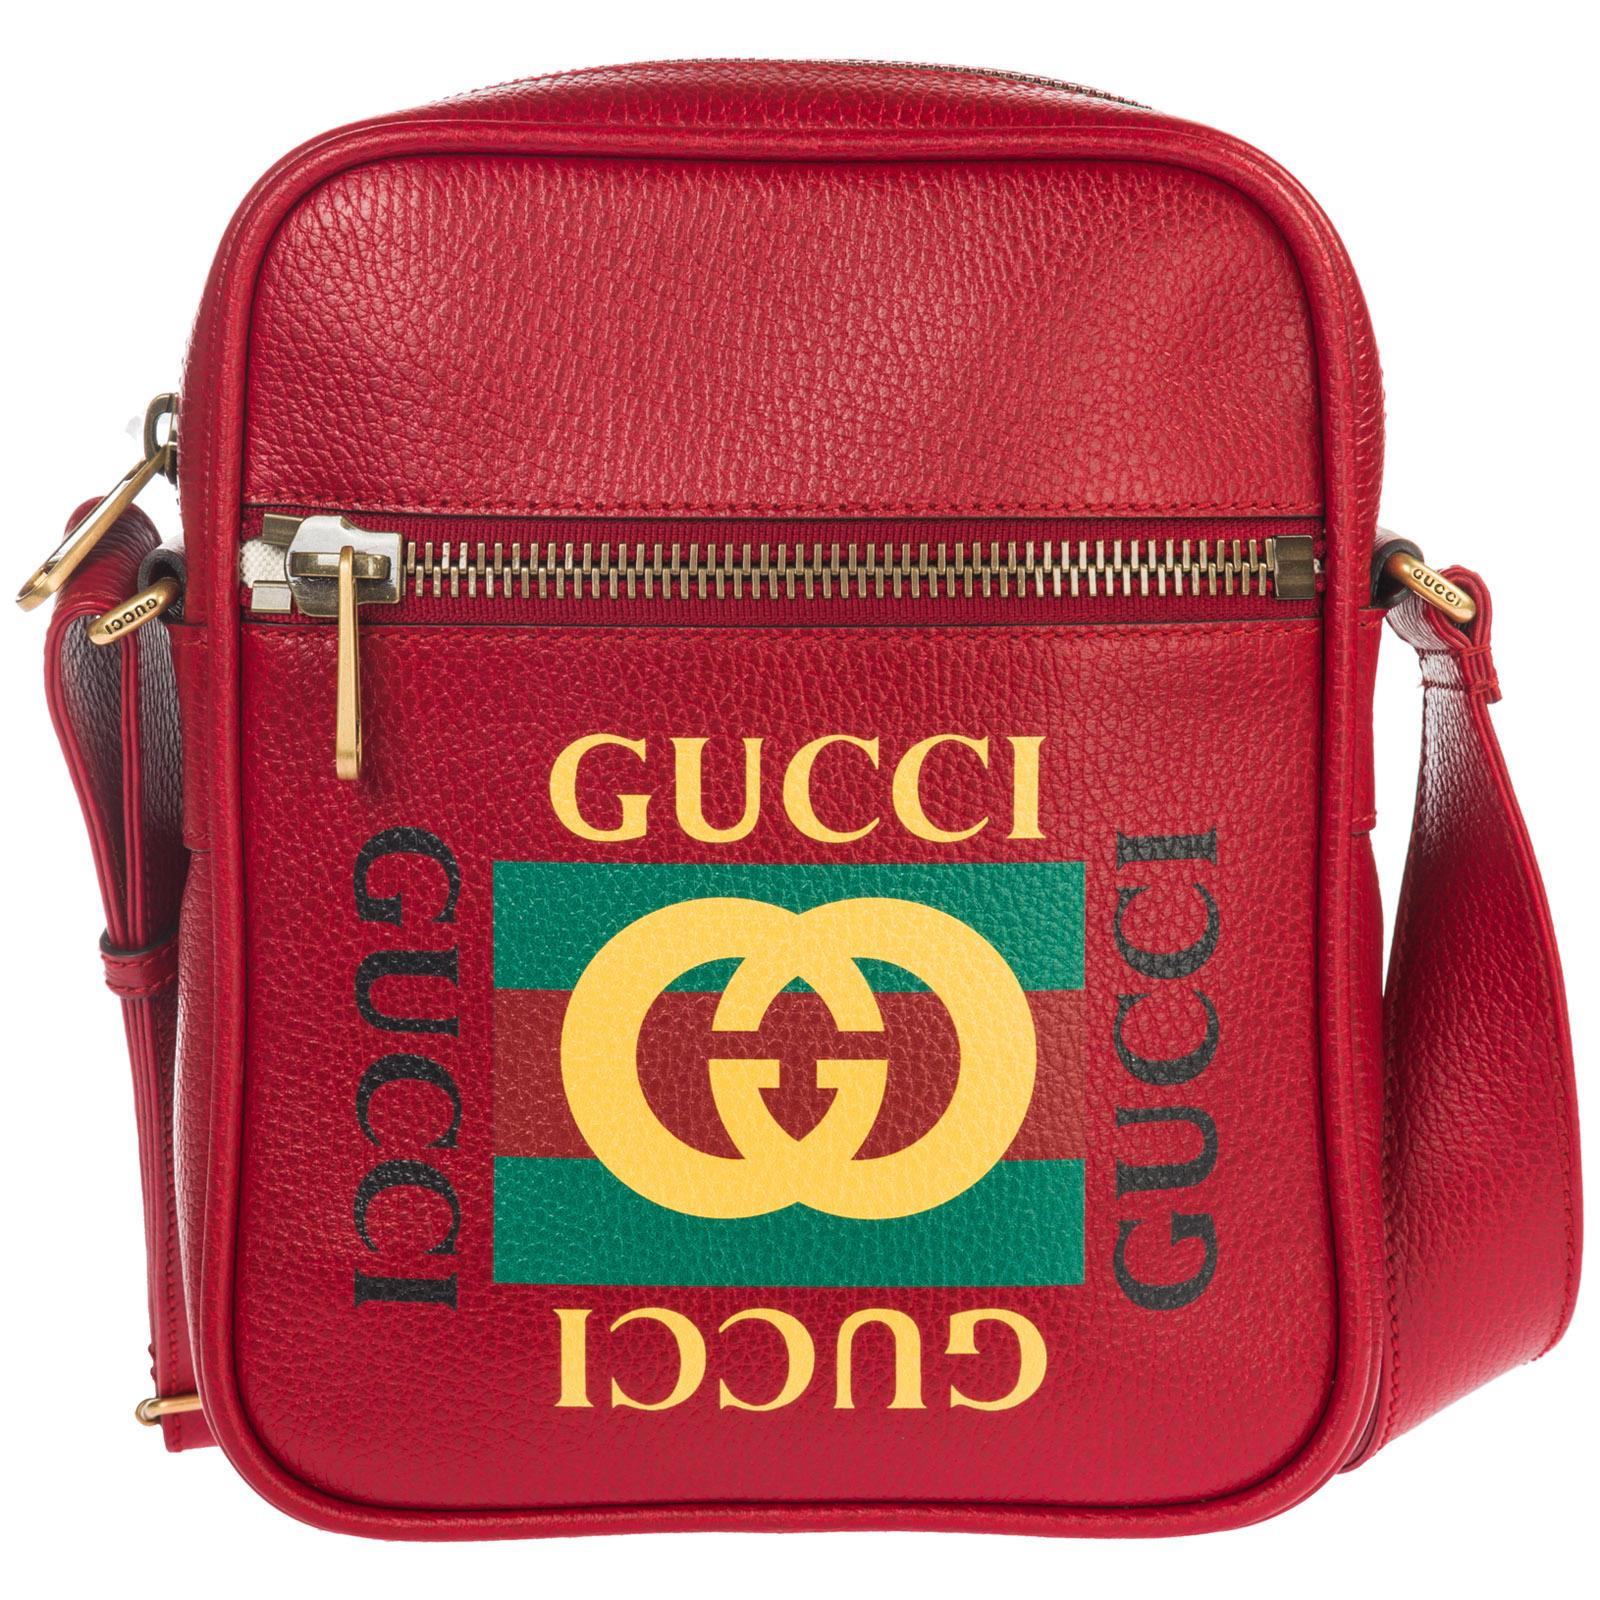 40c19601248 Crossbody bag Gucci Gucci Print 523591 0QSAT 6461 rosso